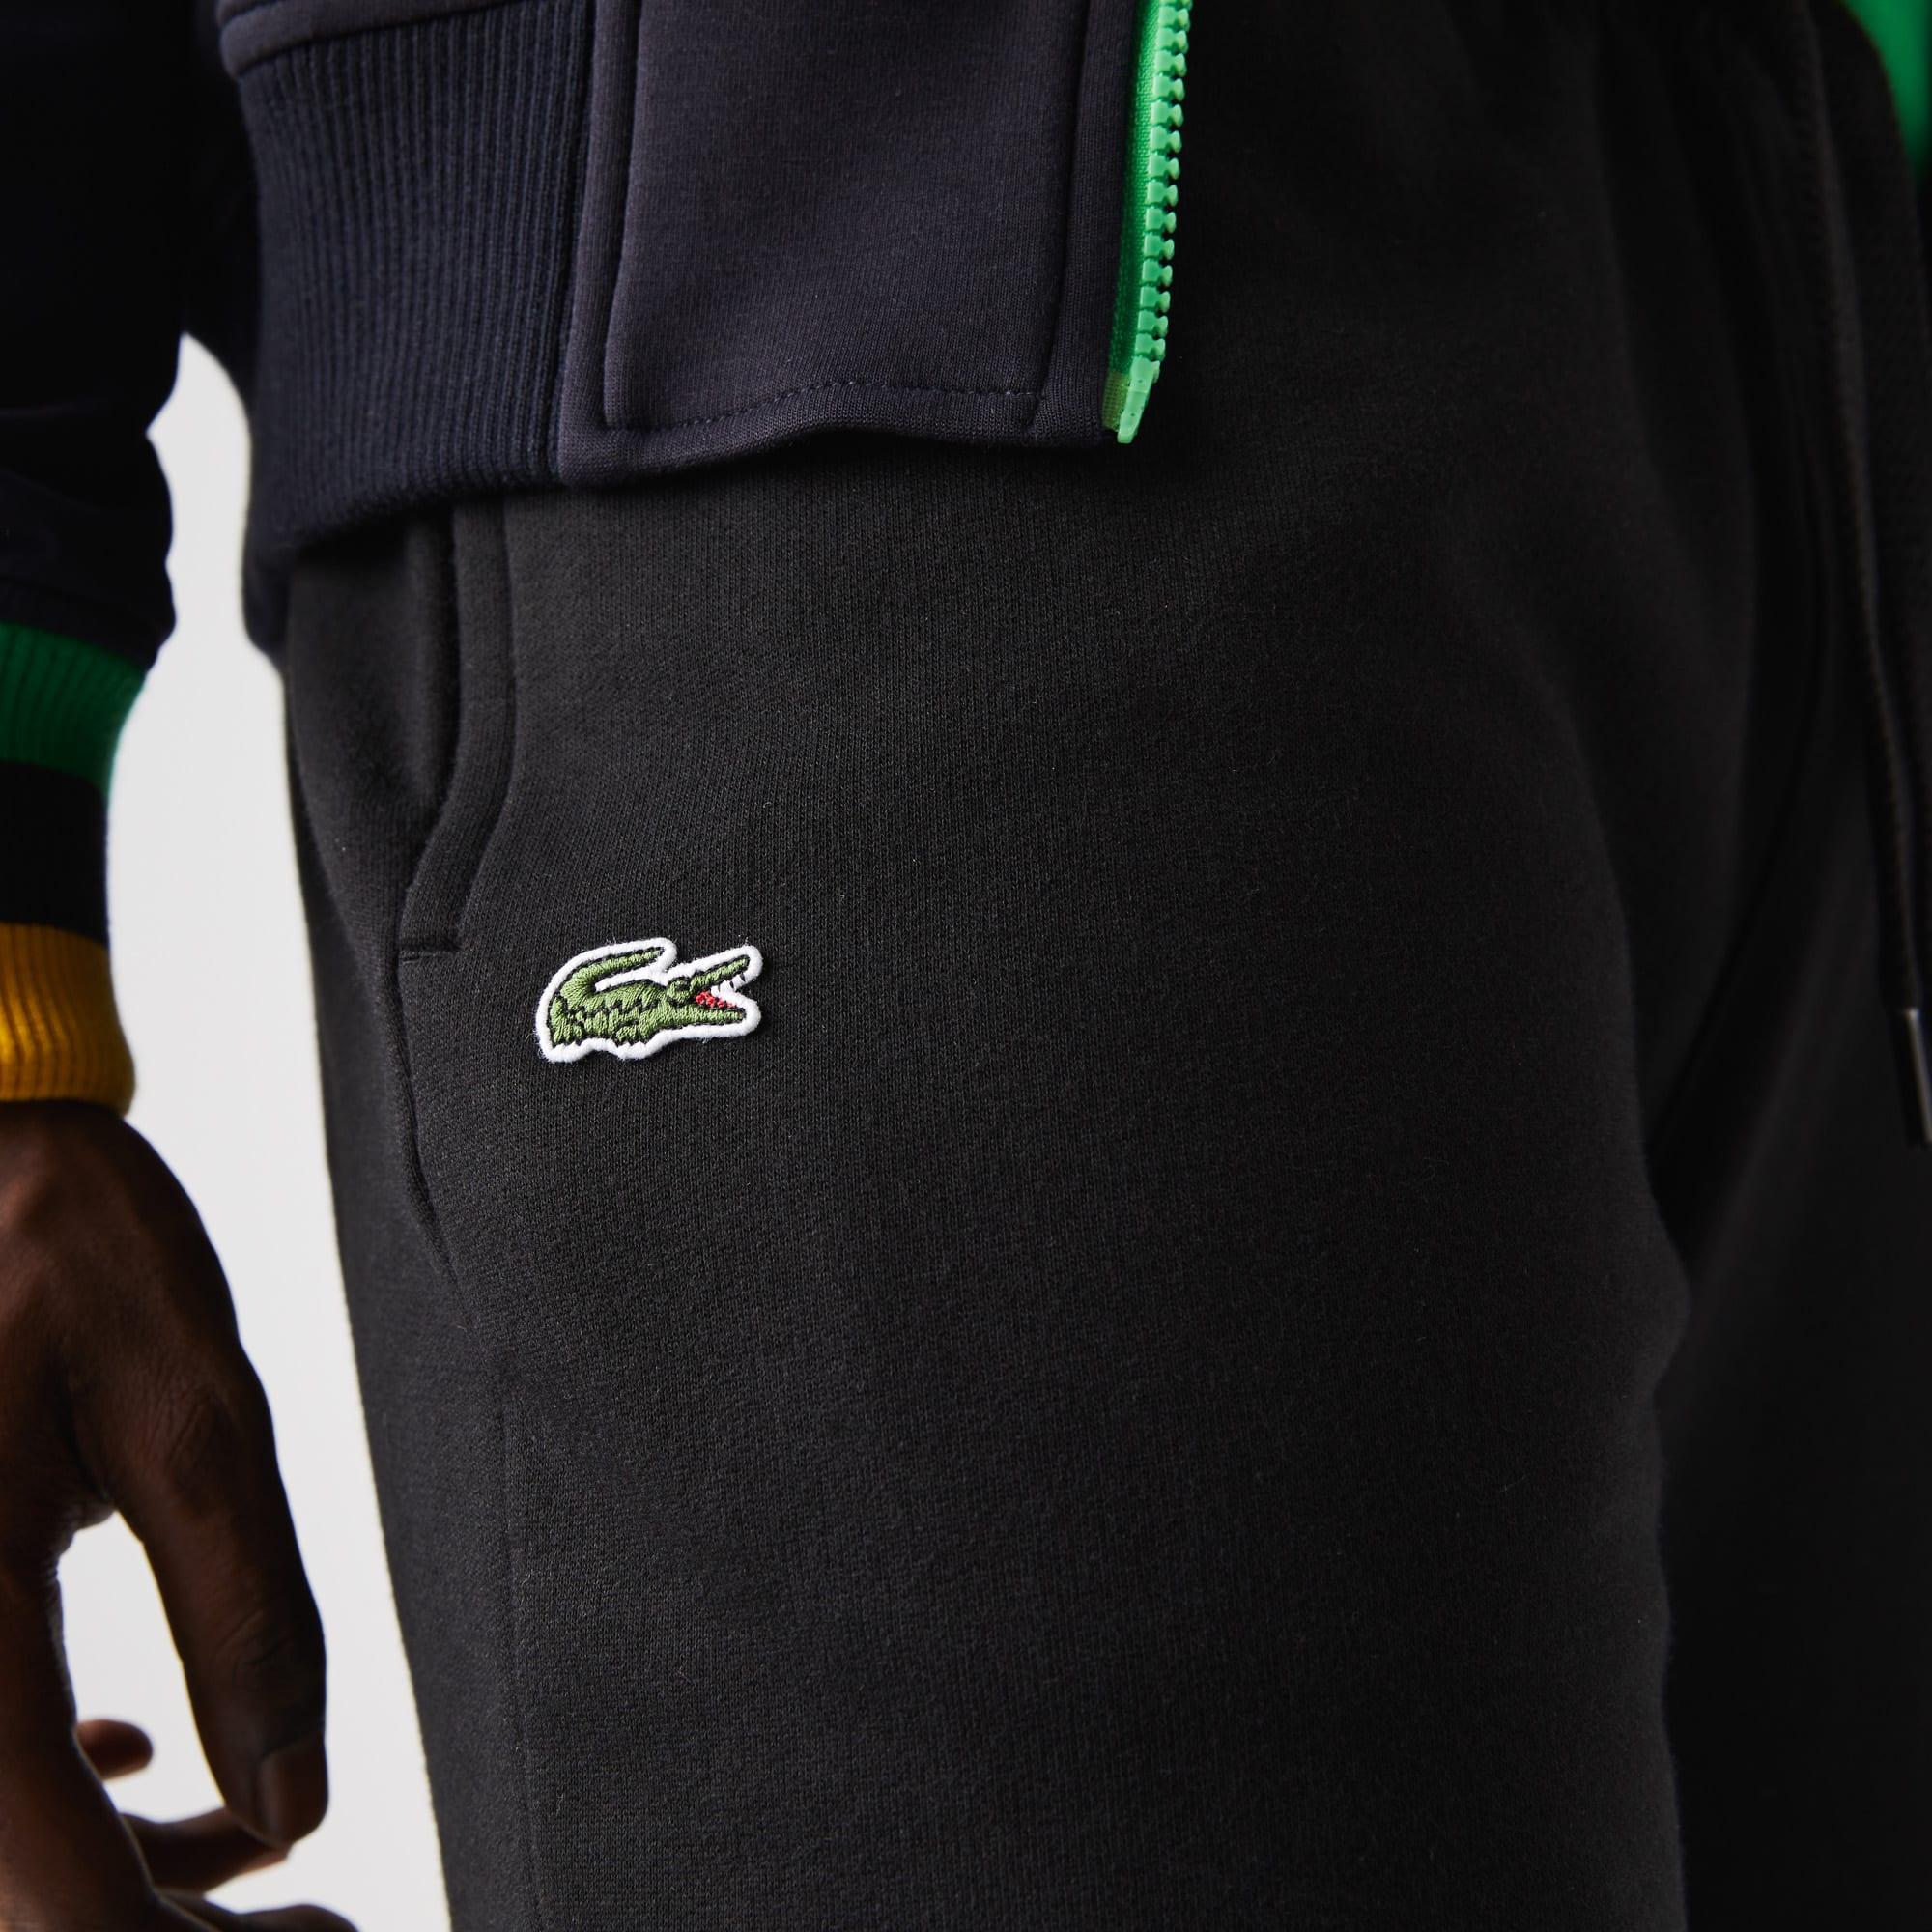 Lacoste Homme Essentiel de Cordon en Coton Pantalon De Jogging Gris Survêtement Pantalon